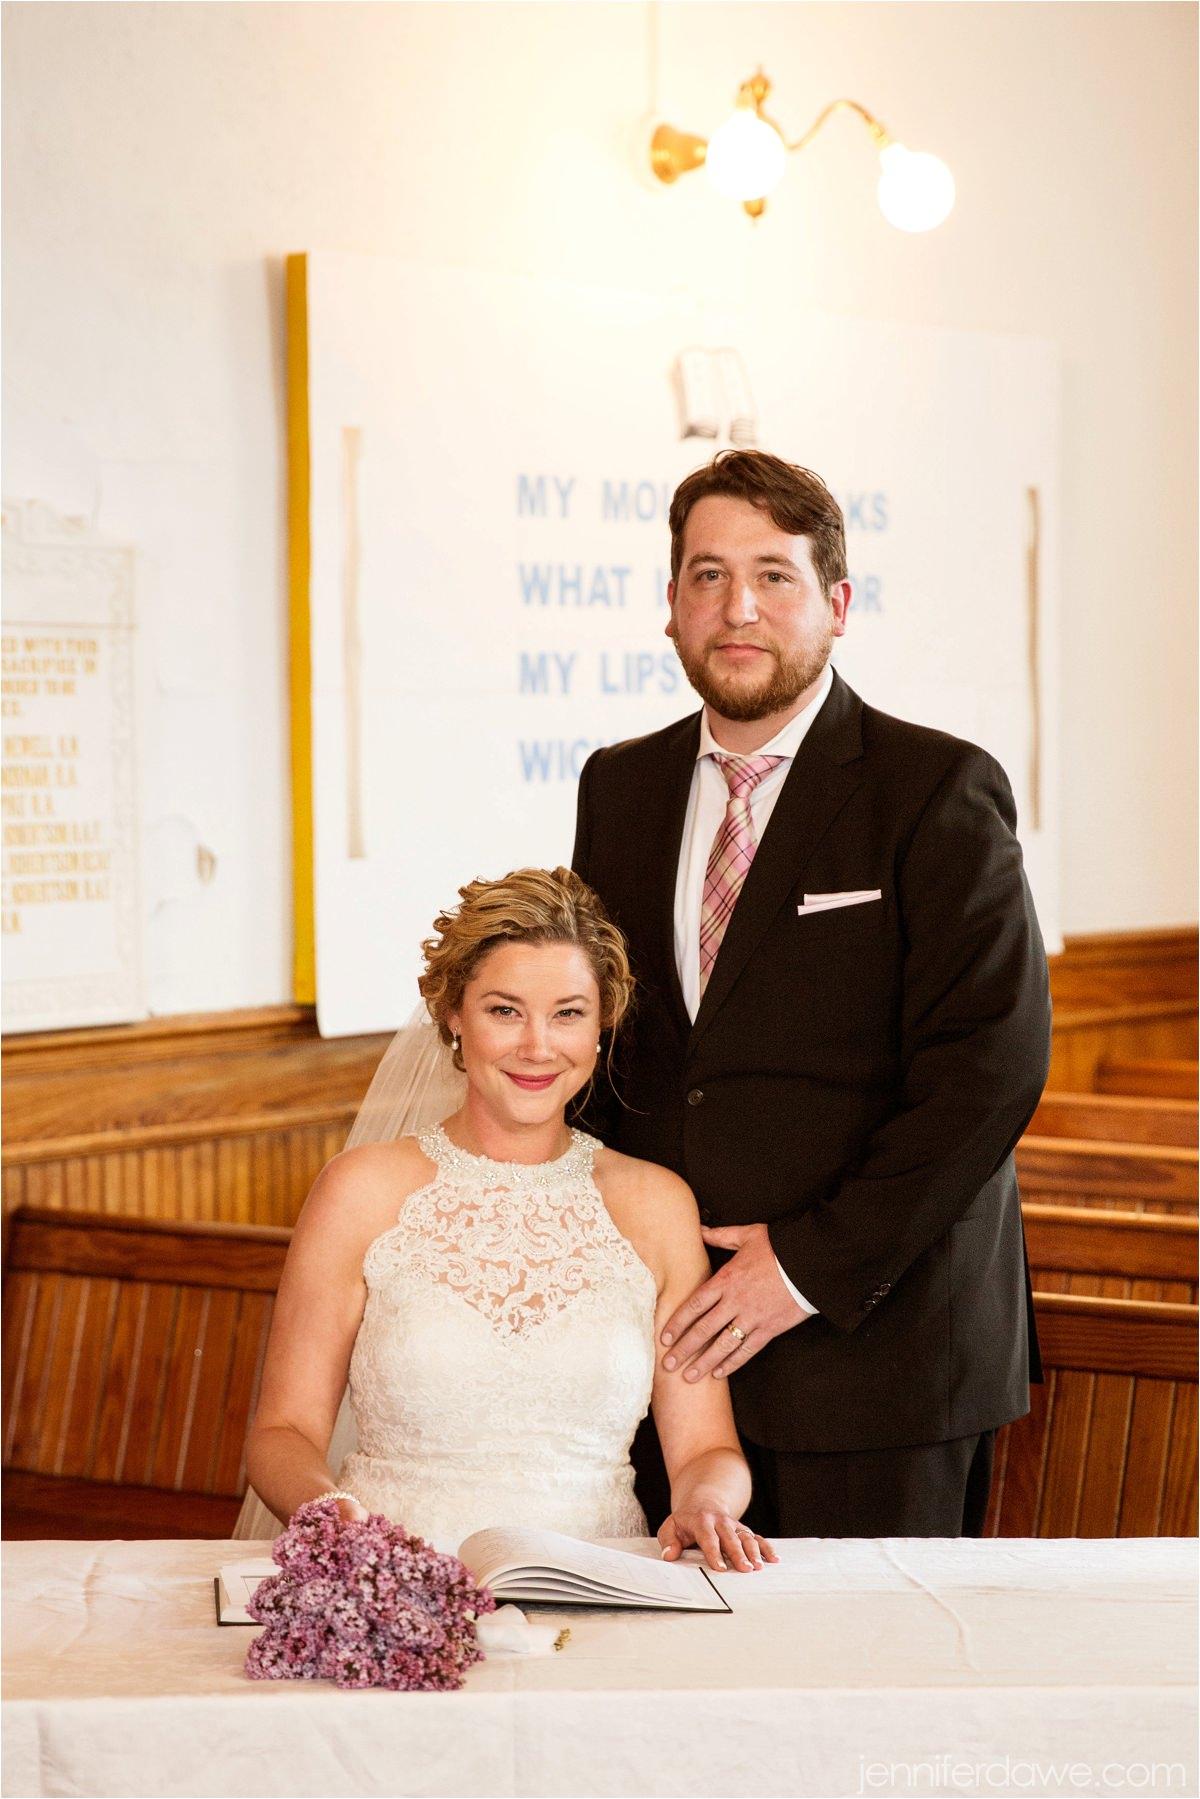 St John's Newfoundland Wedding Photographers Woodstock Wedding Best Newfoundland Wedding Photographer Jennifer Dawe Photography68